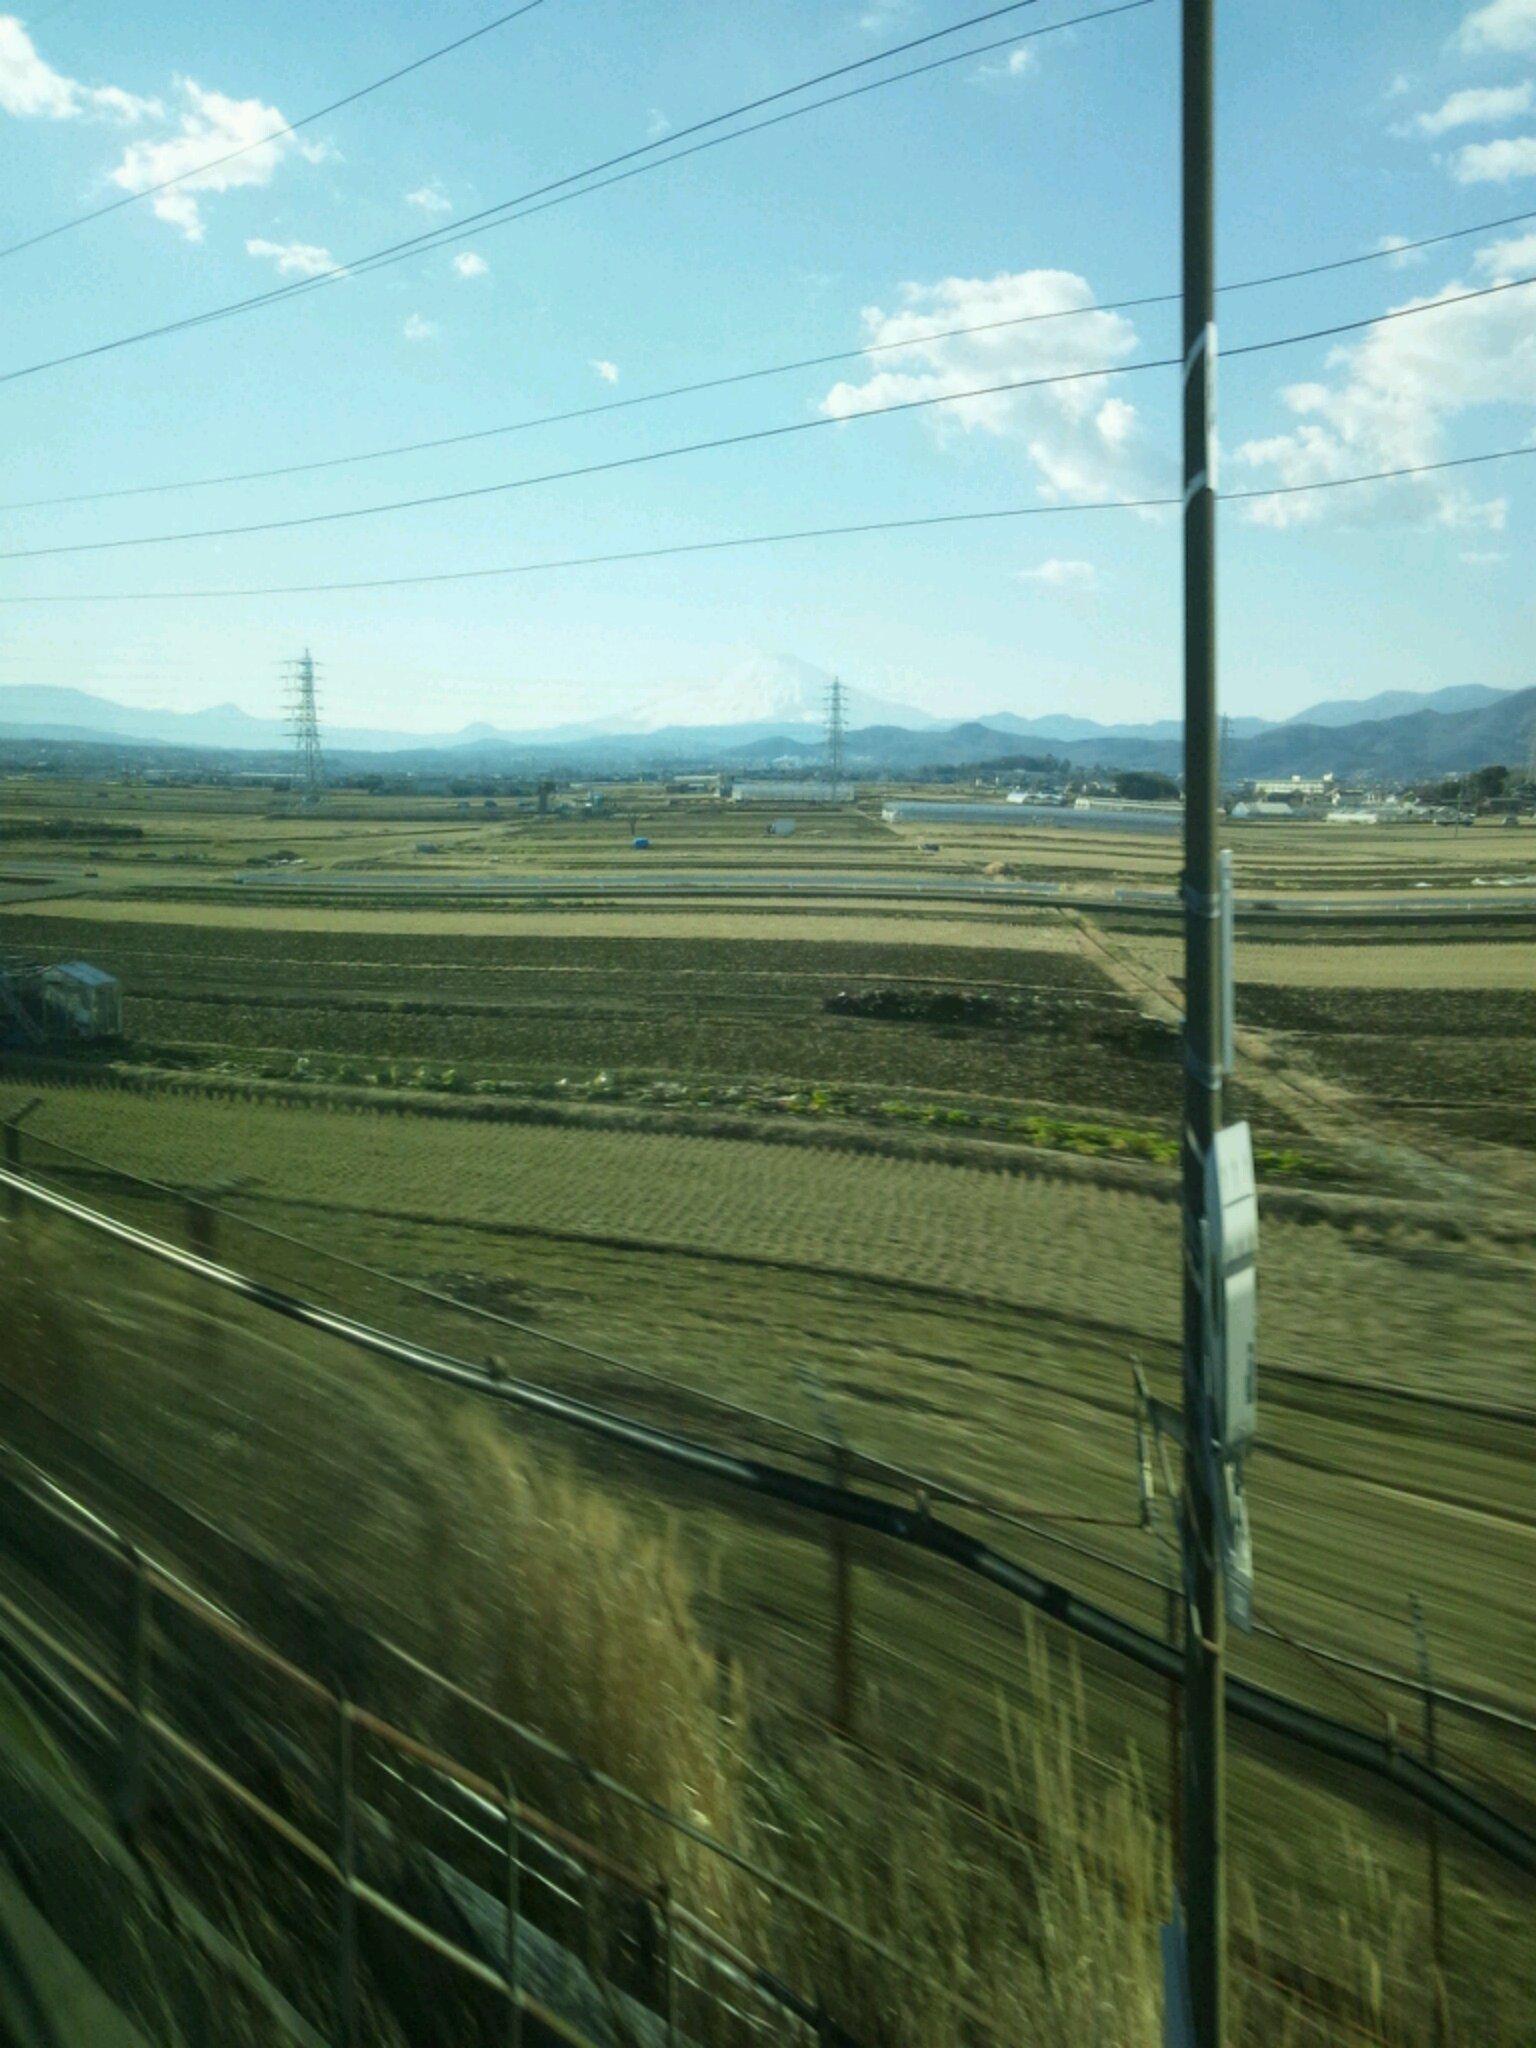 ママの一人旅、新幹線に揺られてます。